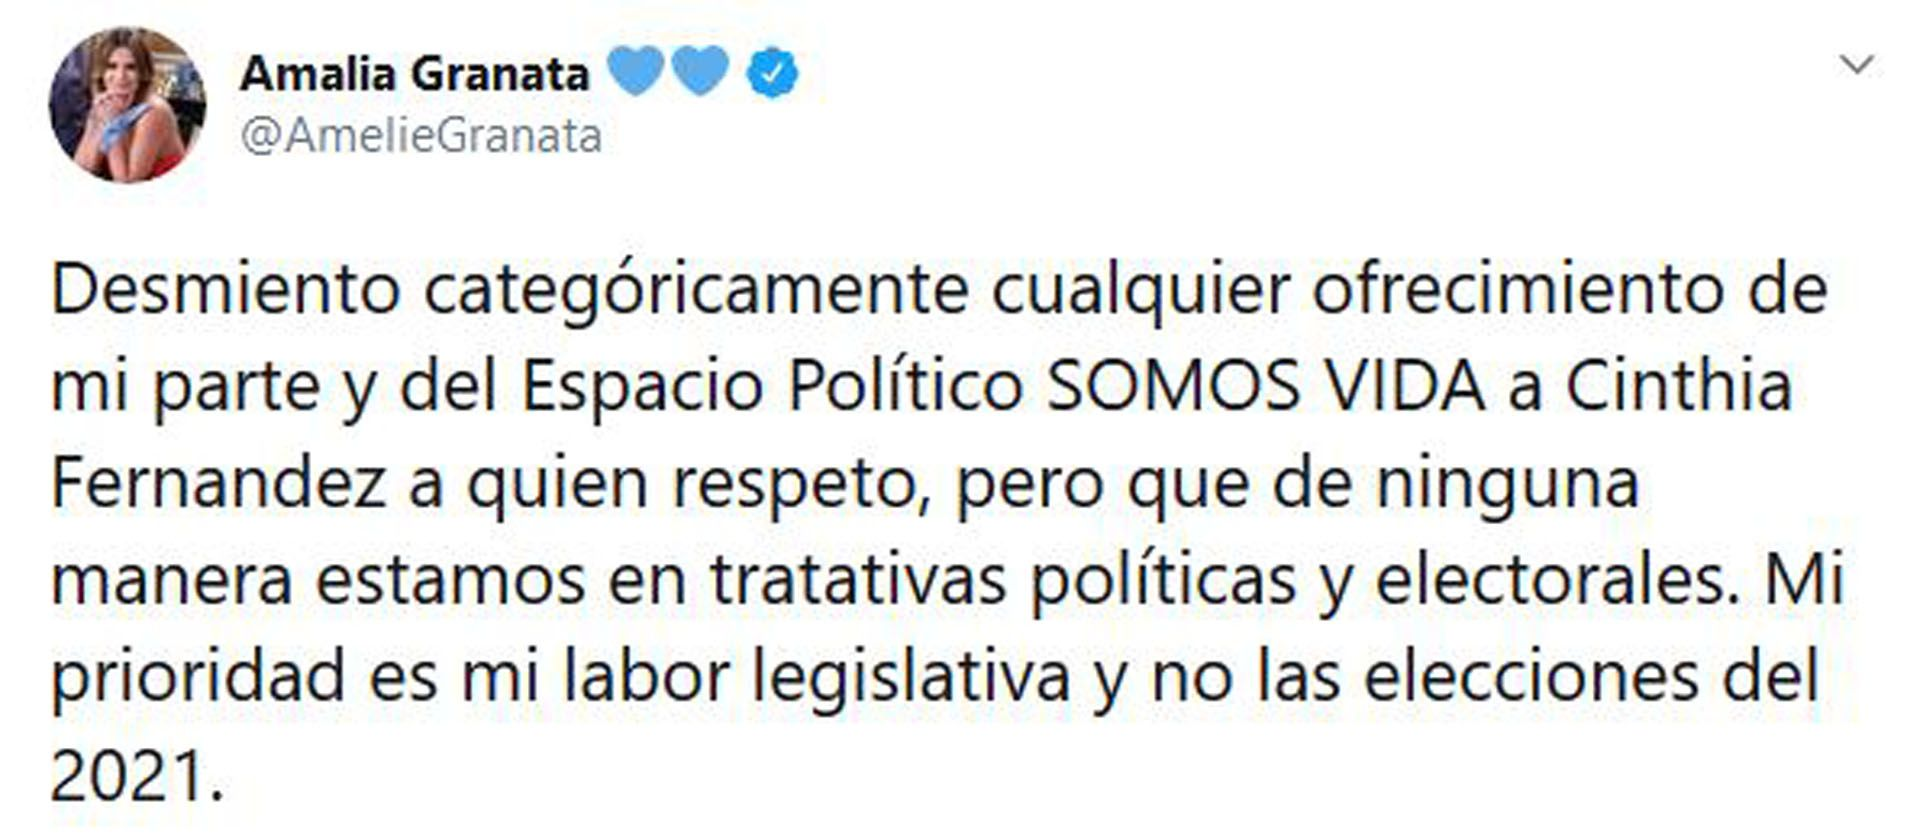 La desmentida de Granata (Foto: Twitter)